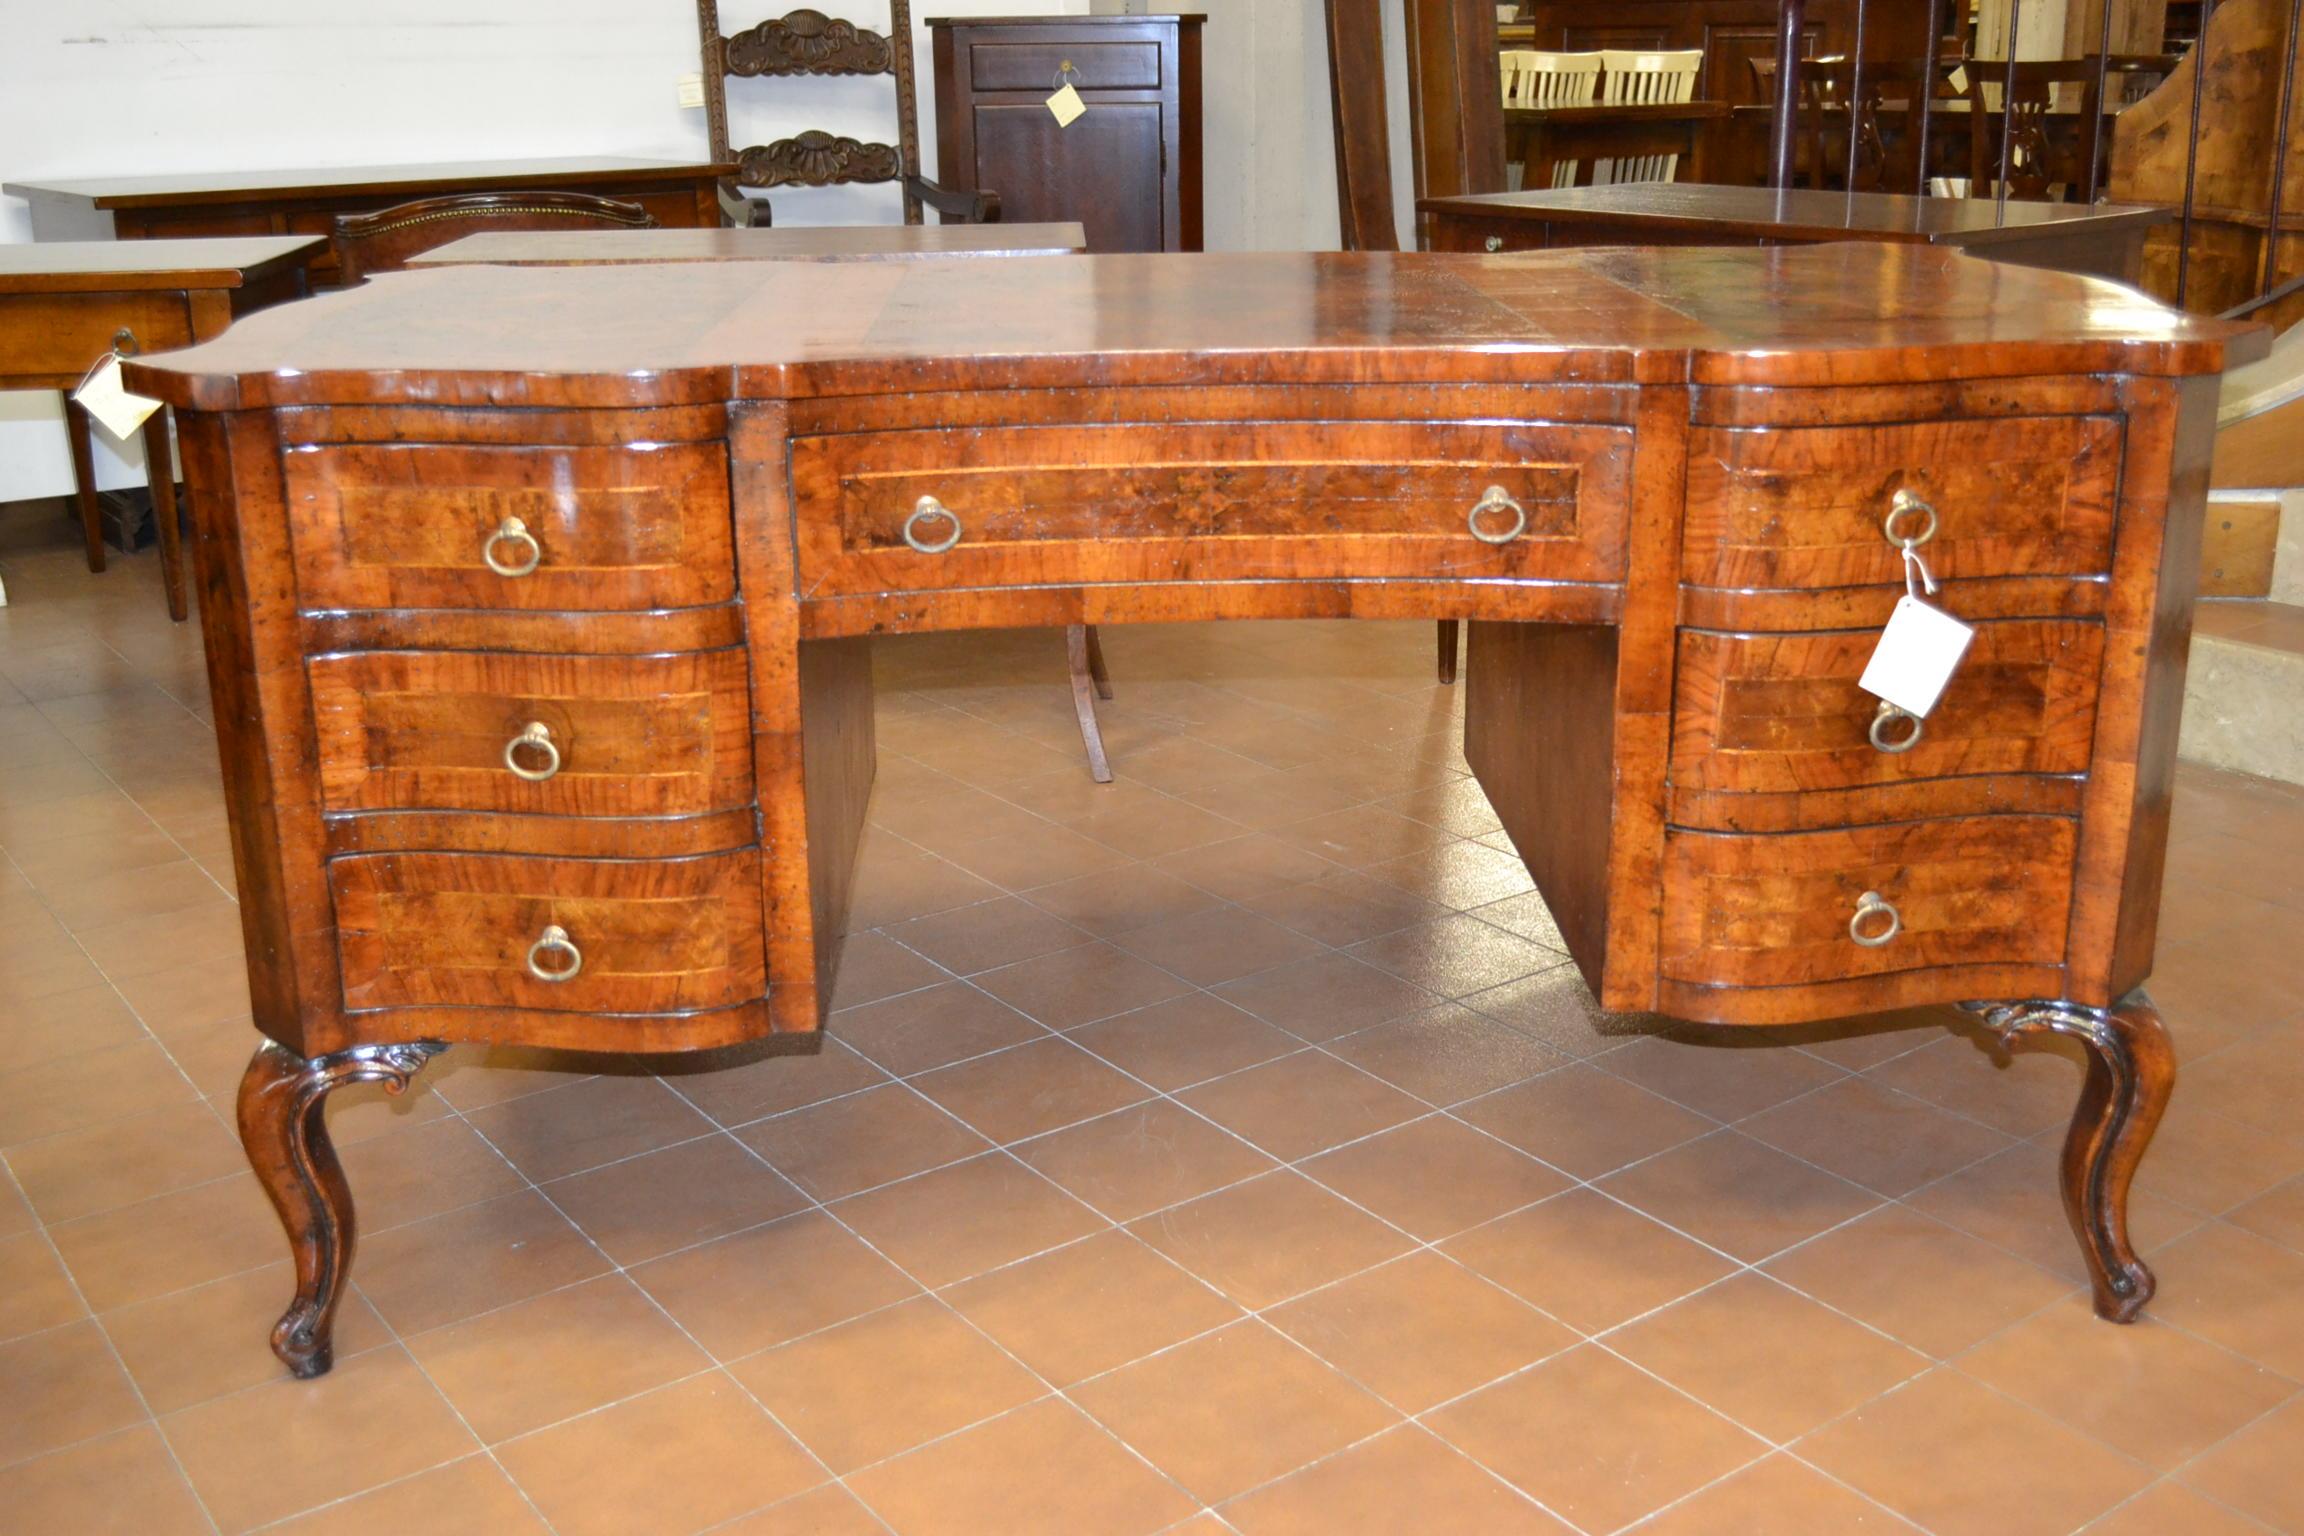 Scrivania sagomata in radica di noce livio bernardi mobili mobili d 39 arte artigianali in legno - Mobili in radica di noce ...